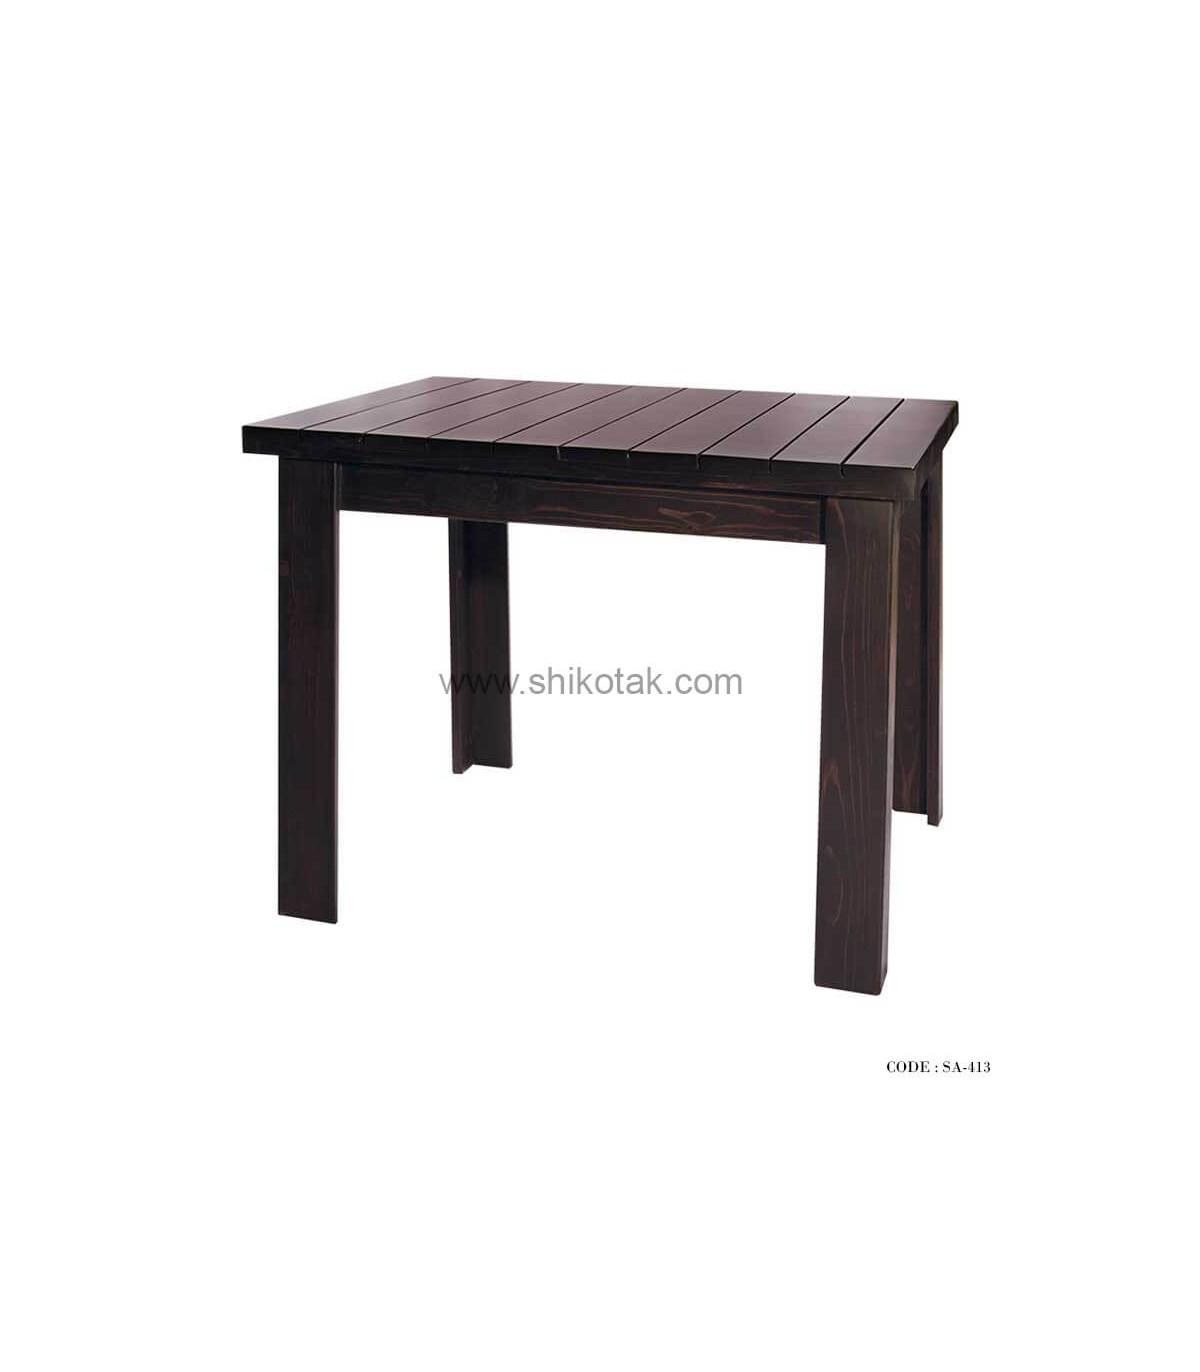 میز ناهار خوری چوبی کوتاه سری 413